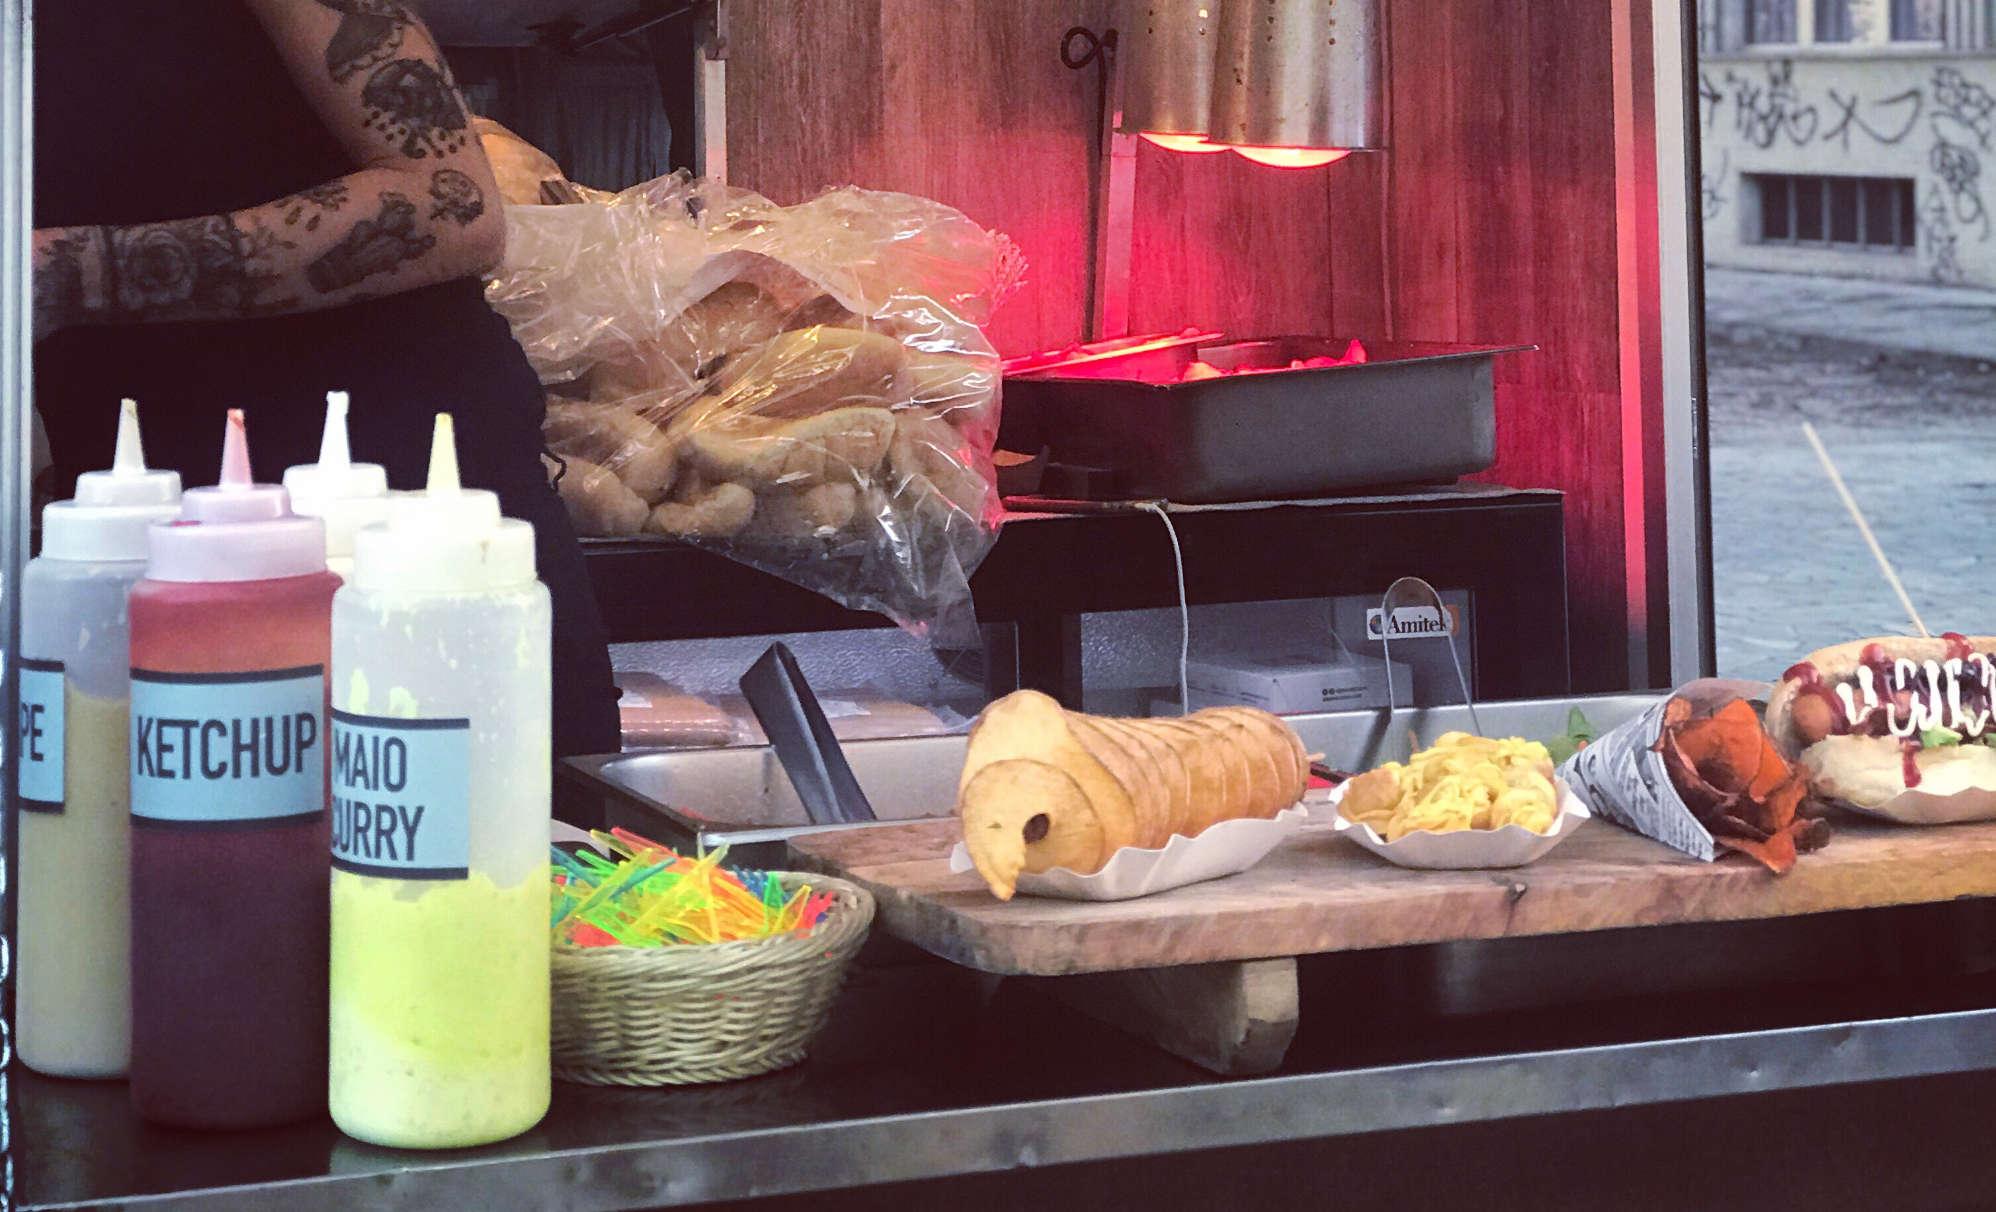 , SAN BEACH STREET FOOD FESTIVAL: THE STREET FOOD THAT WORKS, Foodiestrip.blog